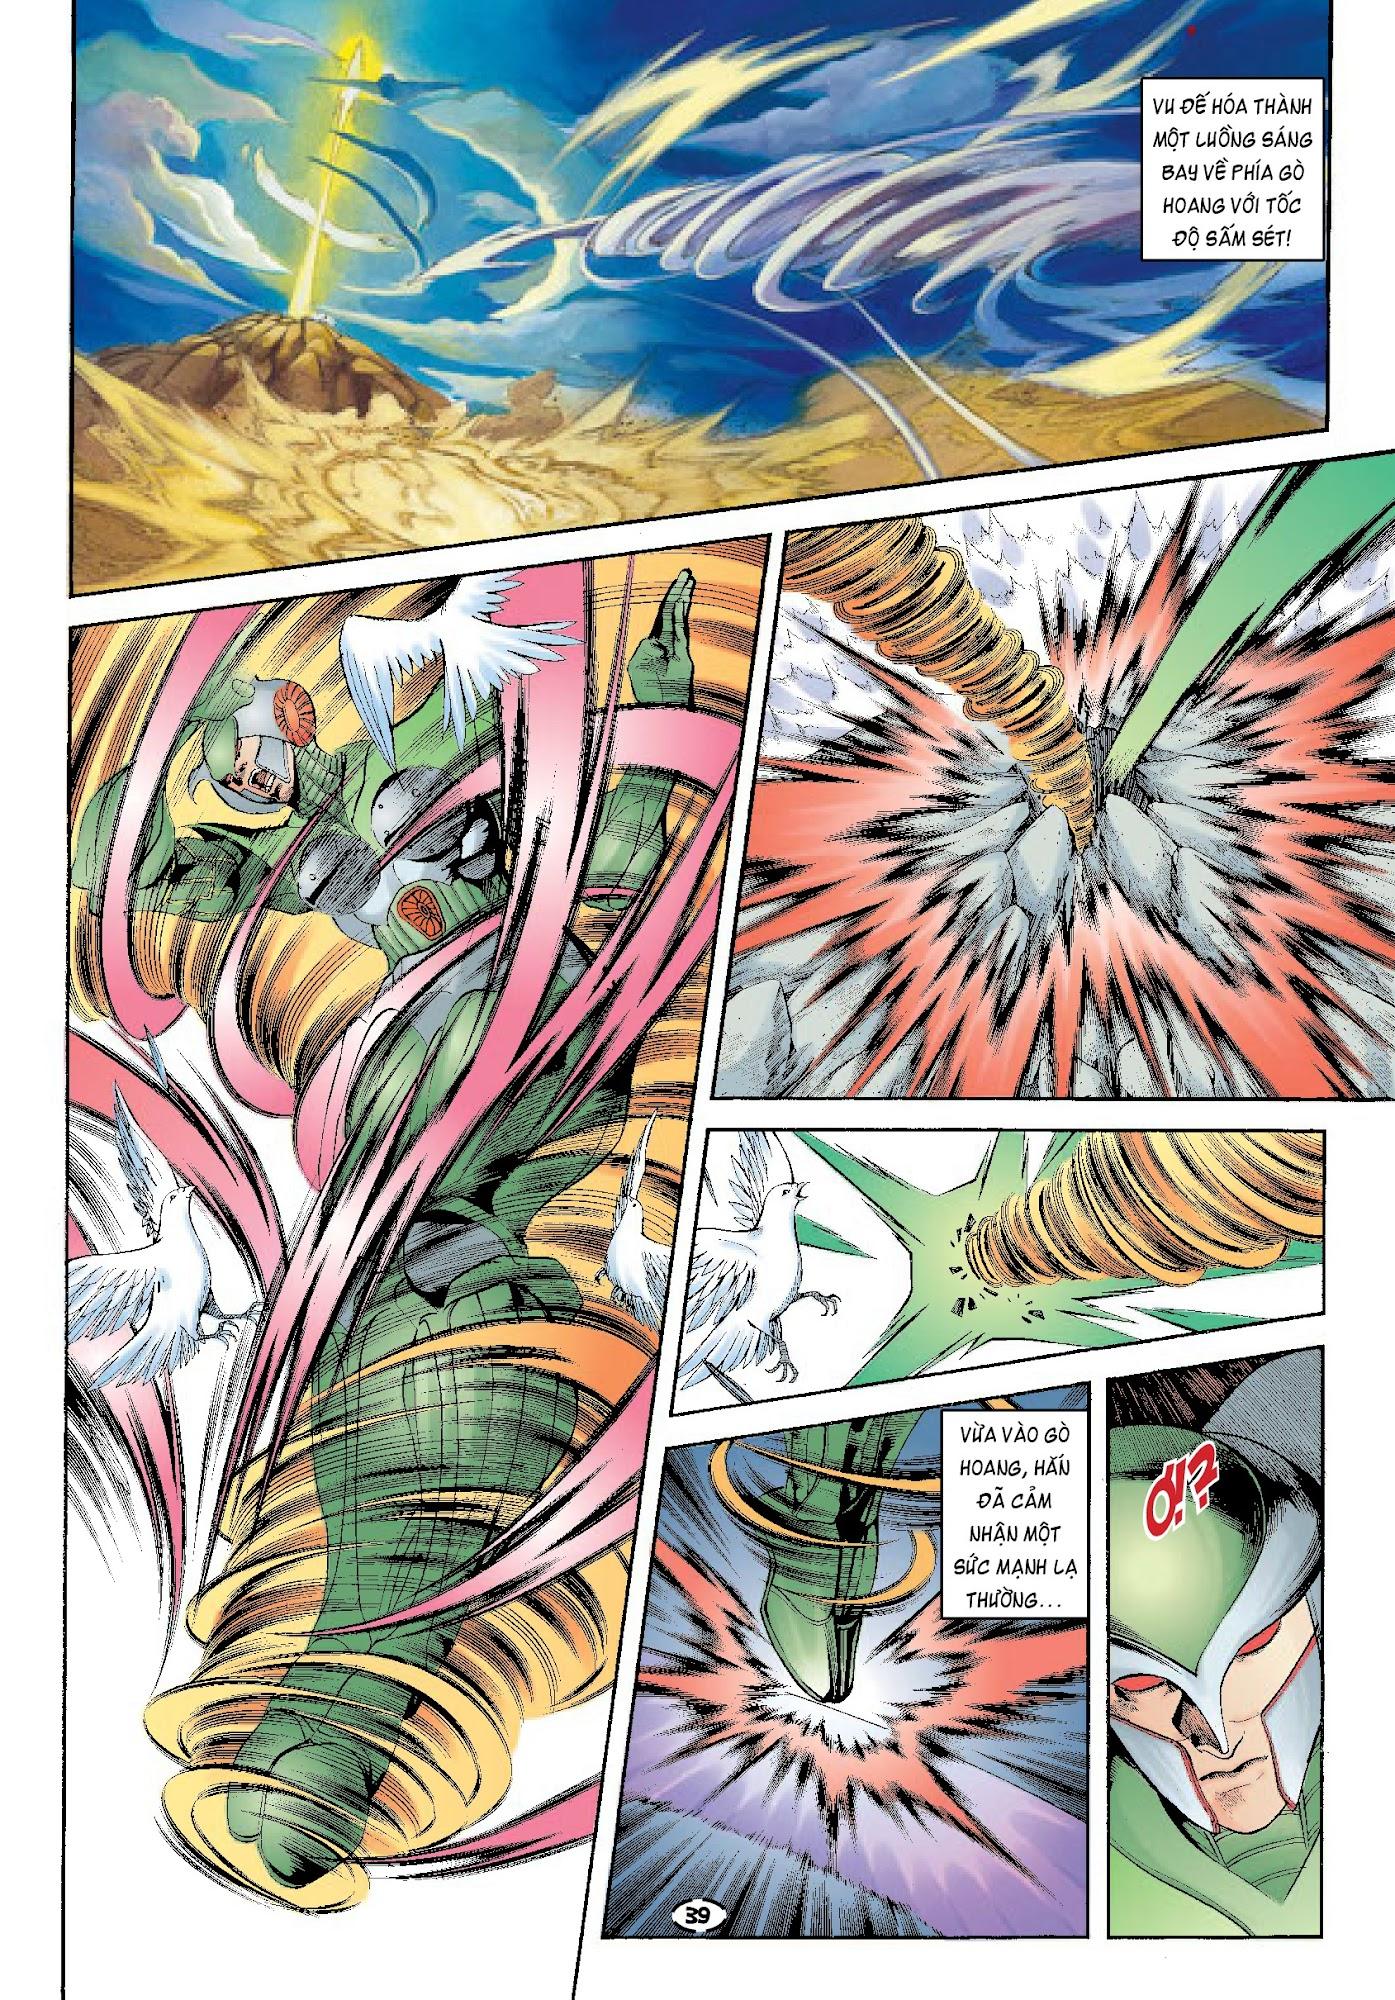 Đại Kiếm Sư Chap 32 - Trang 3